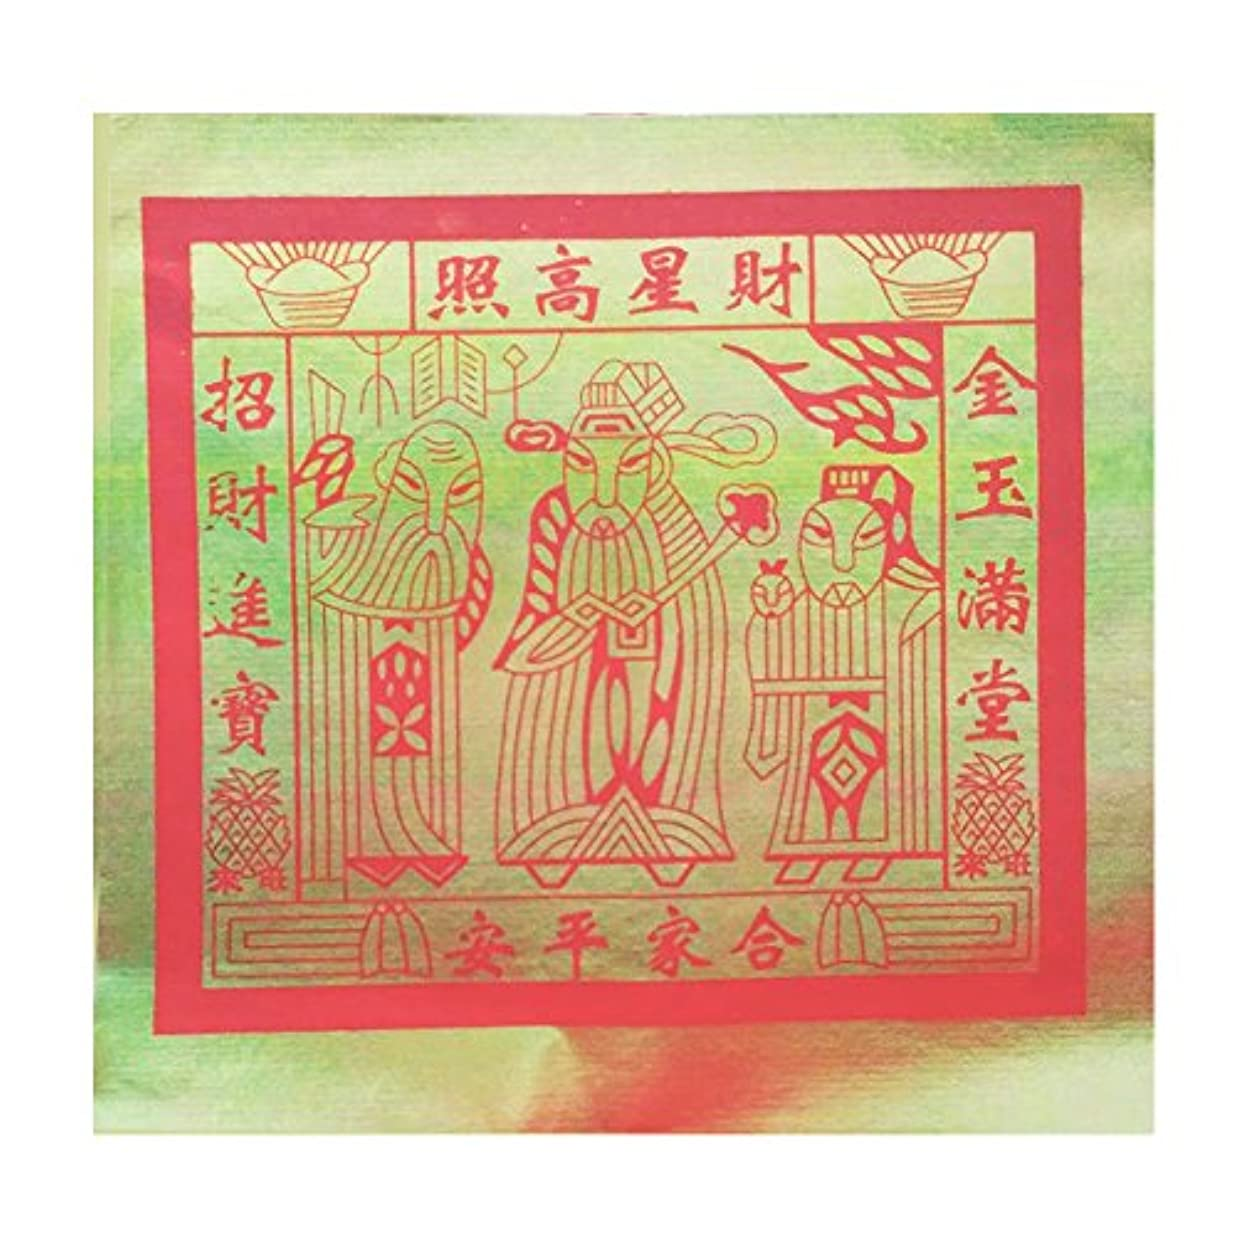 100個Incense用紙/ Joss用紙with High Gradeフルゴールド箔サイズ中10.75インチx 10.4インチ